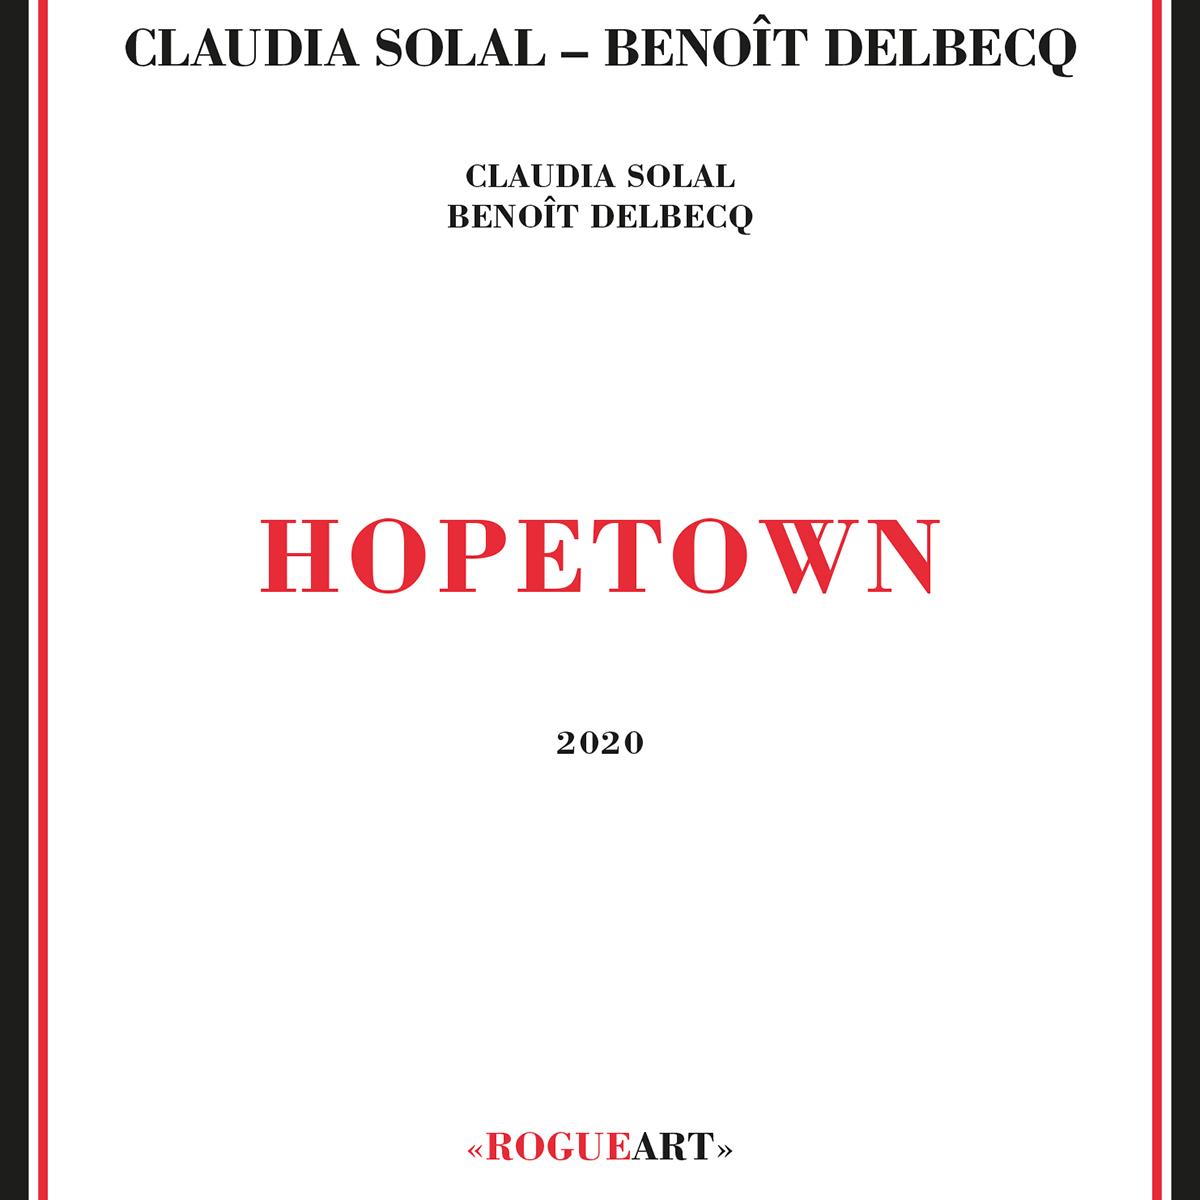 Hopetown - Claudia Solal & Benoît Delbecq